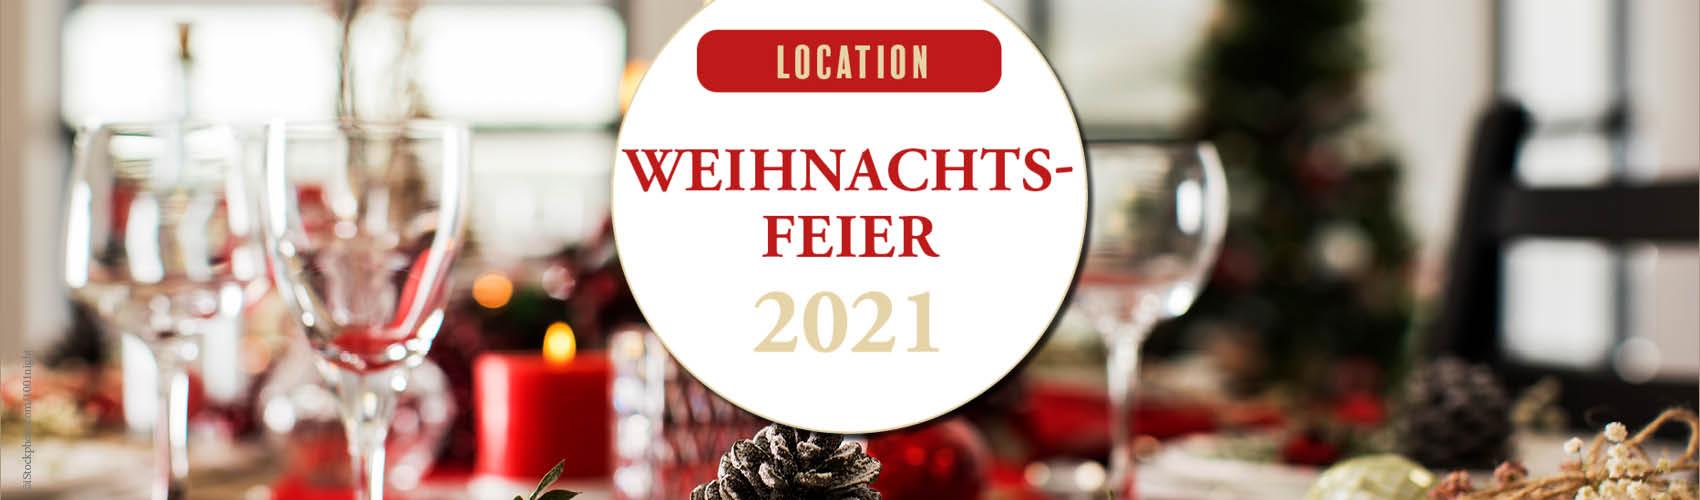 Location für Ihre Weihnachtsfeier